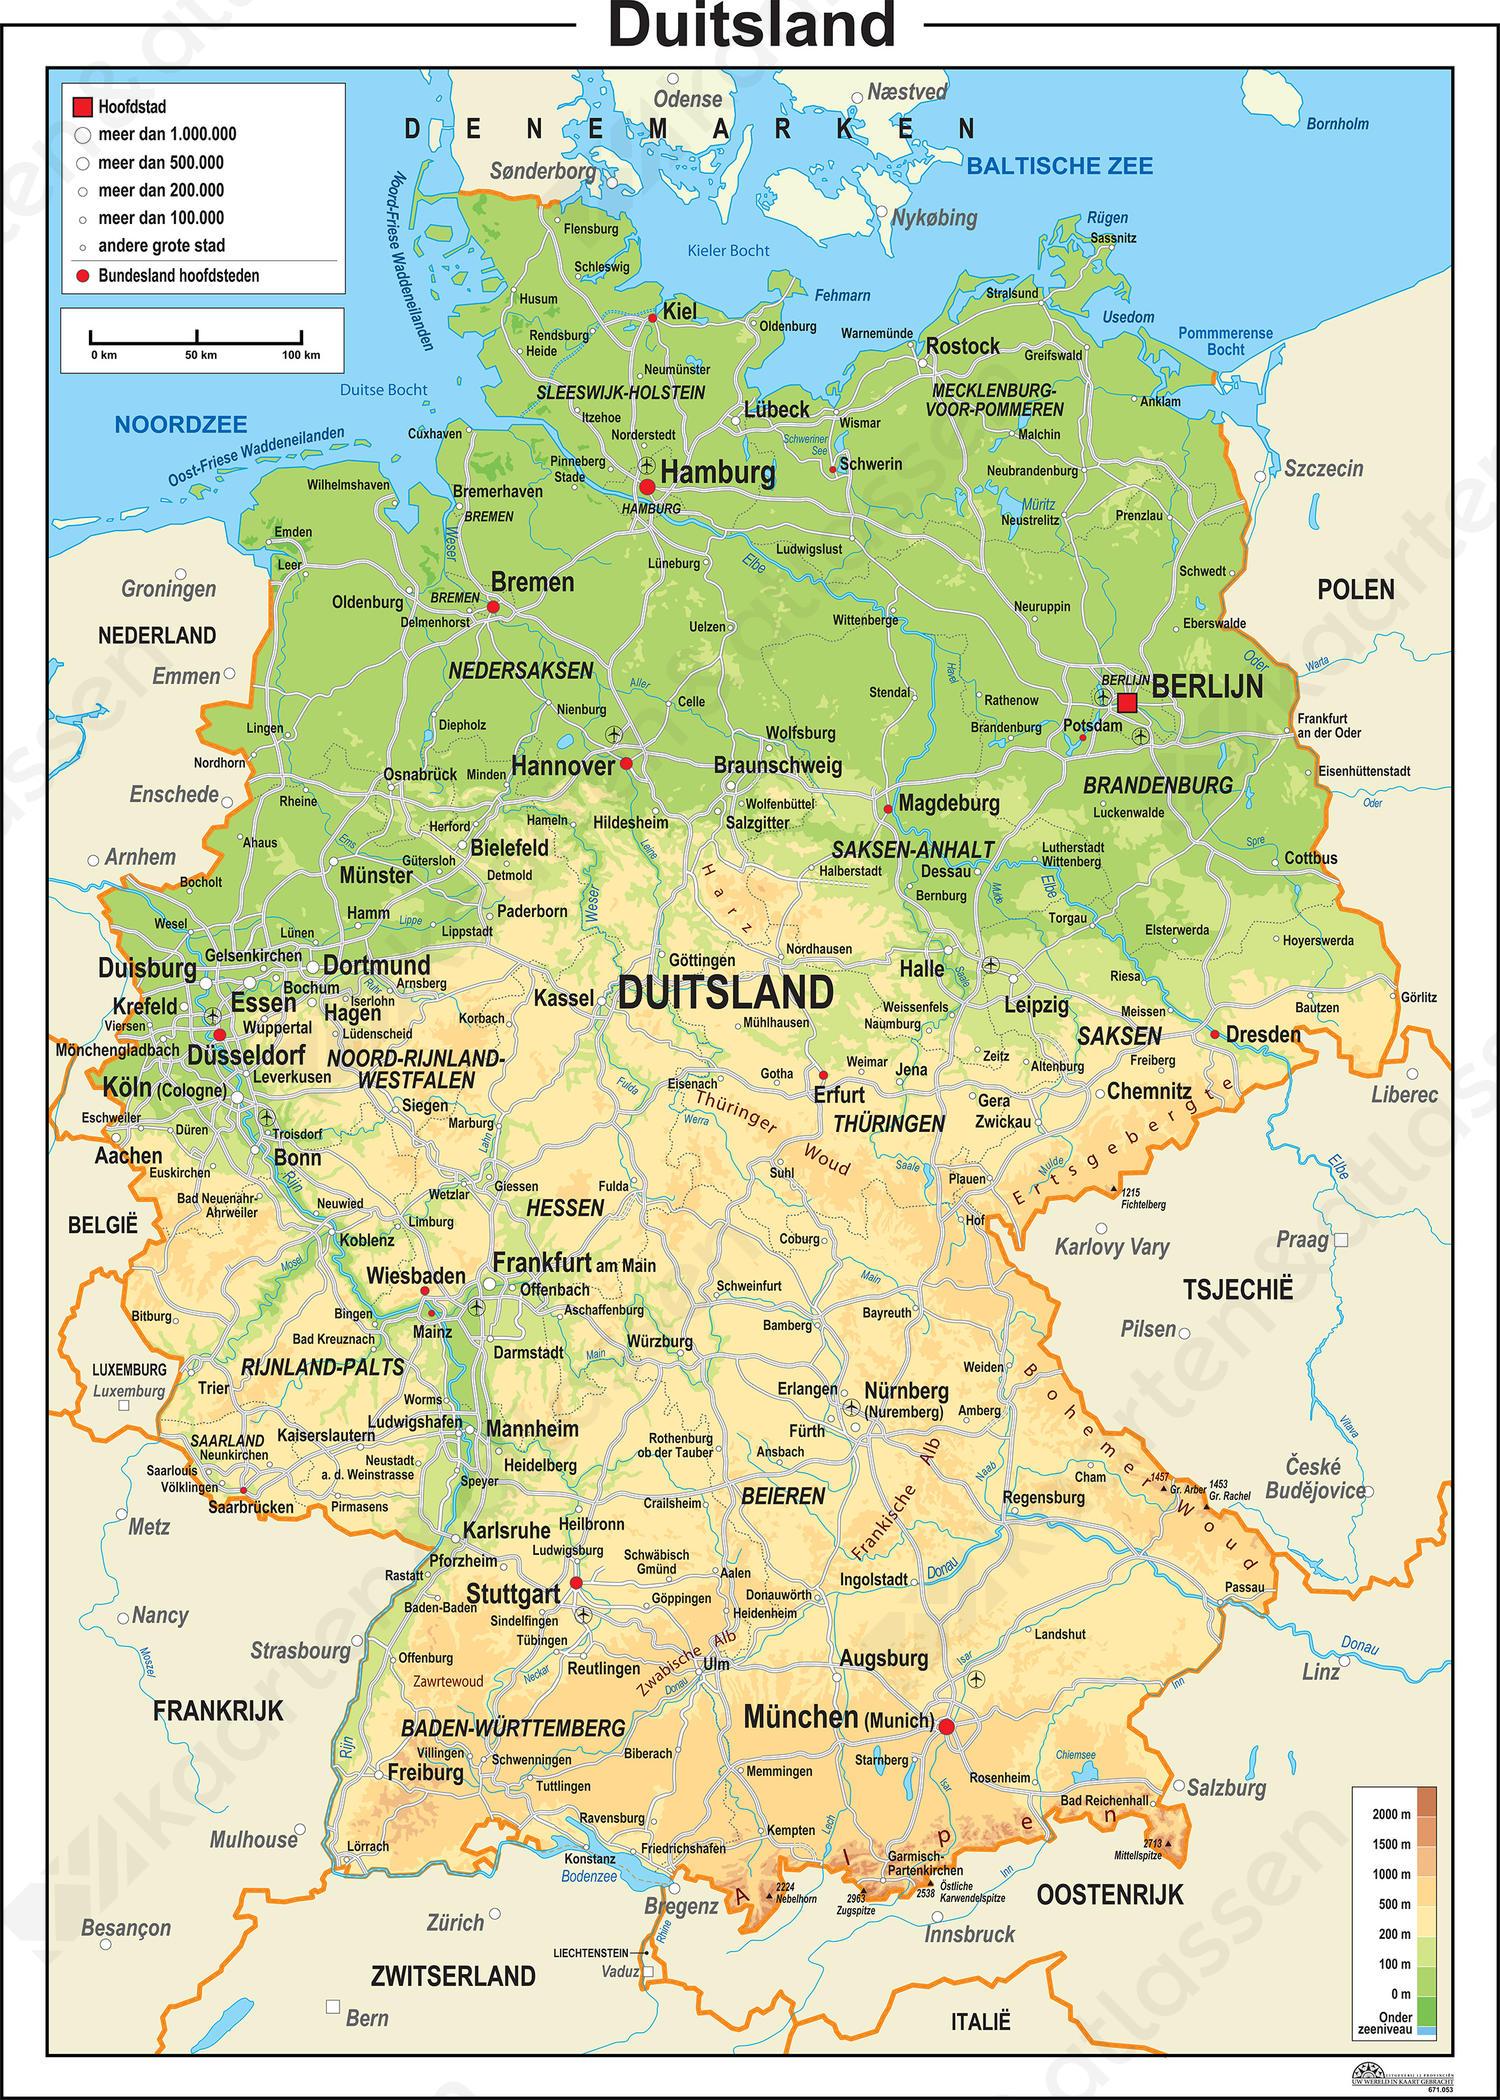 Duitsland Kaart Natuurkundig 777 Kaarten En Atlassen Nl